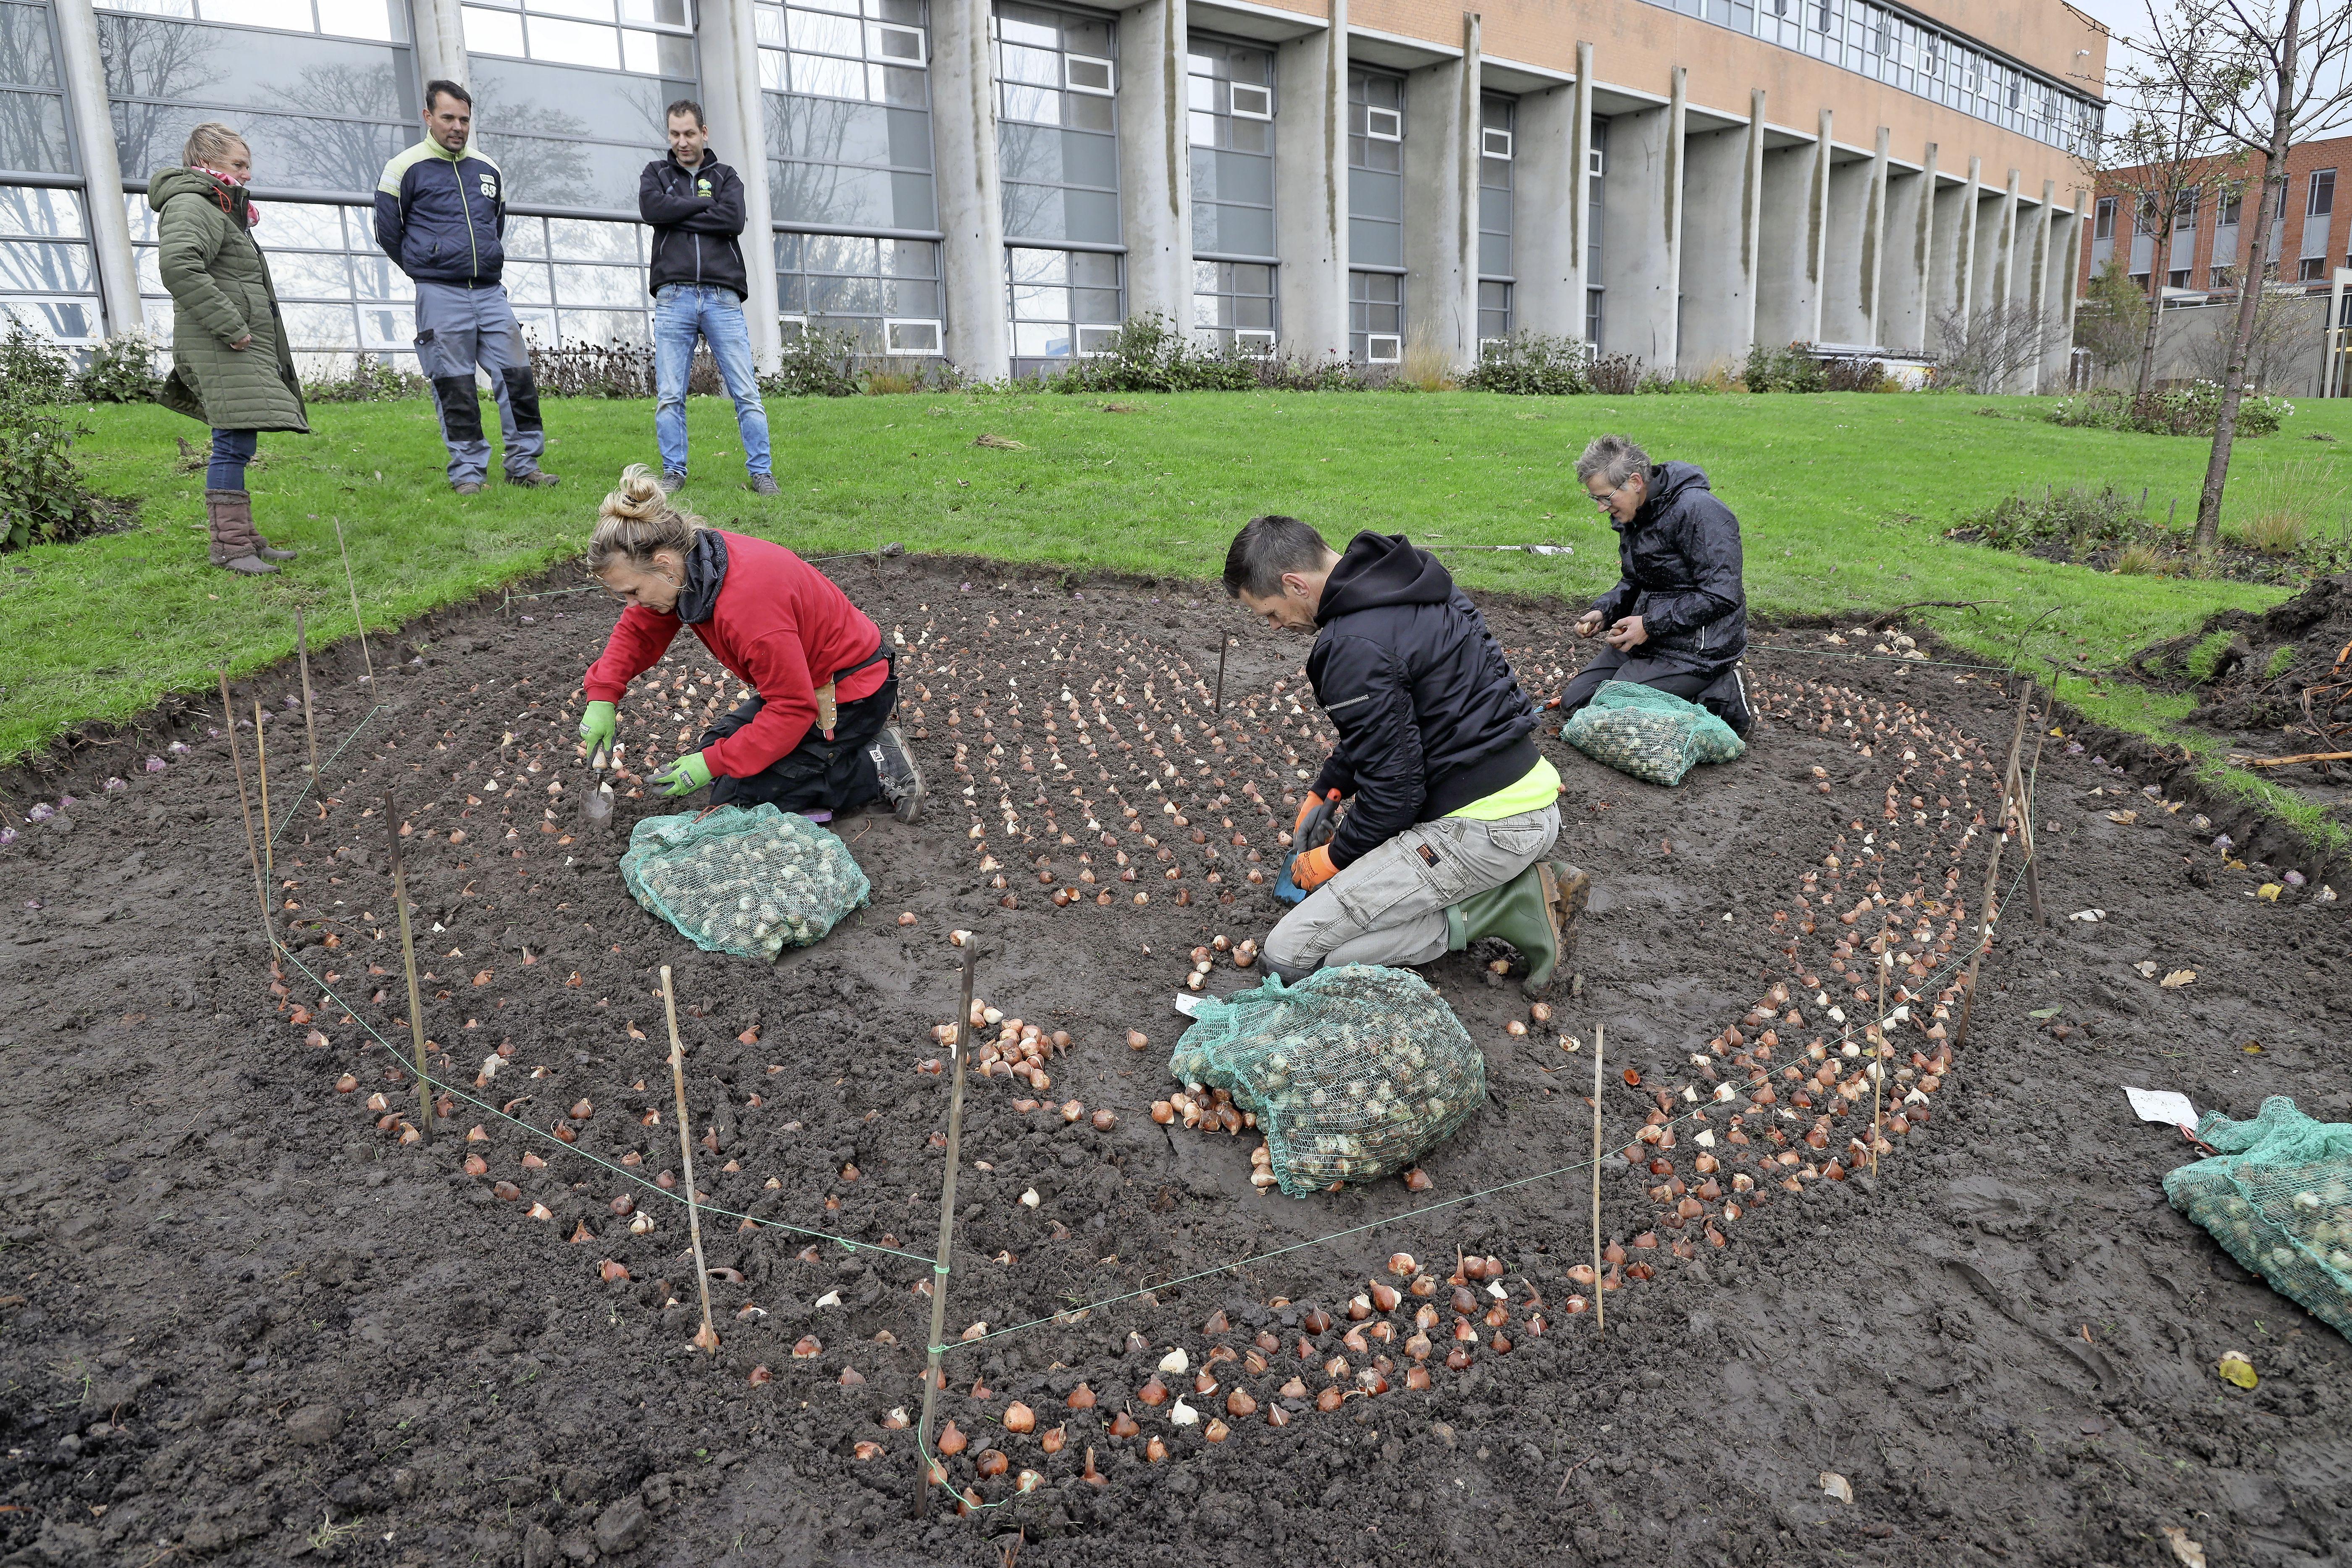 Geld Groen Fonds voor Stadslandbouw Hoorn en BAVO Schooltuin in Ursem